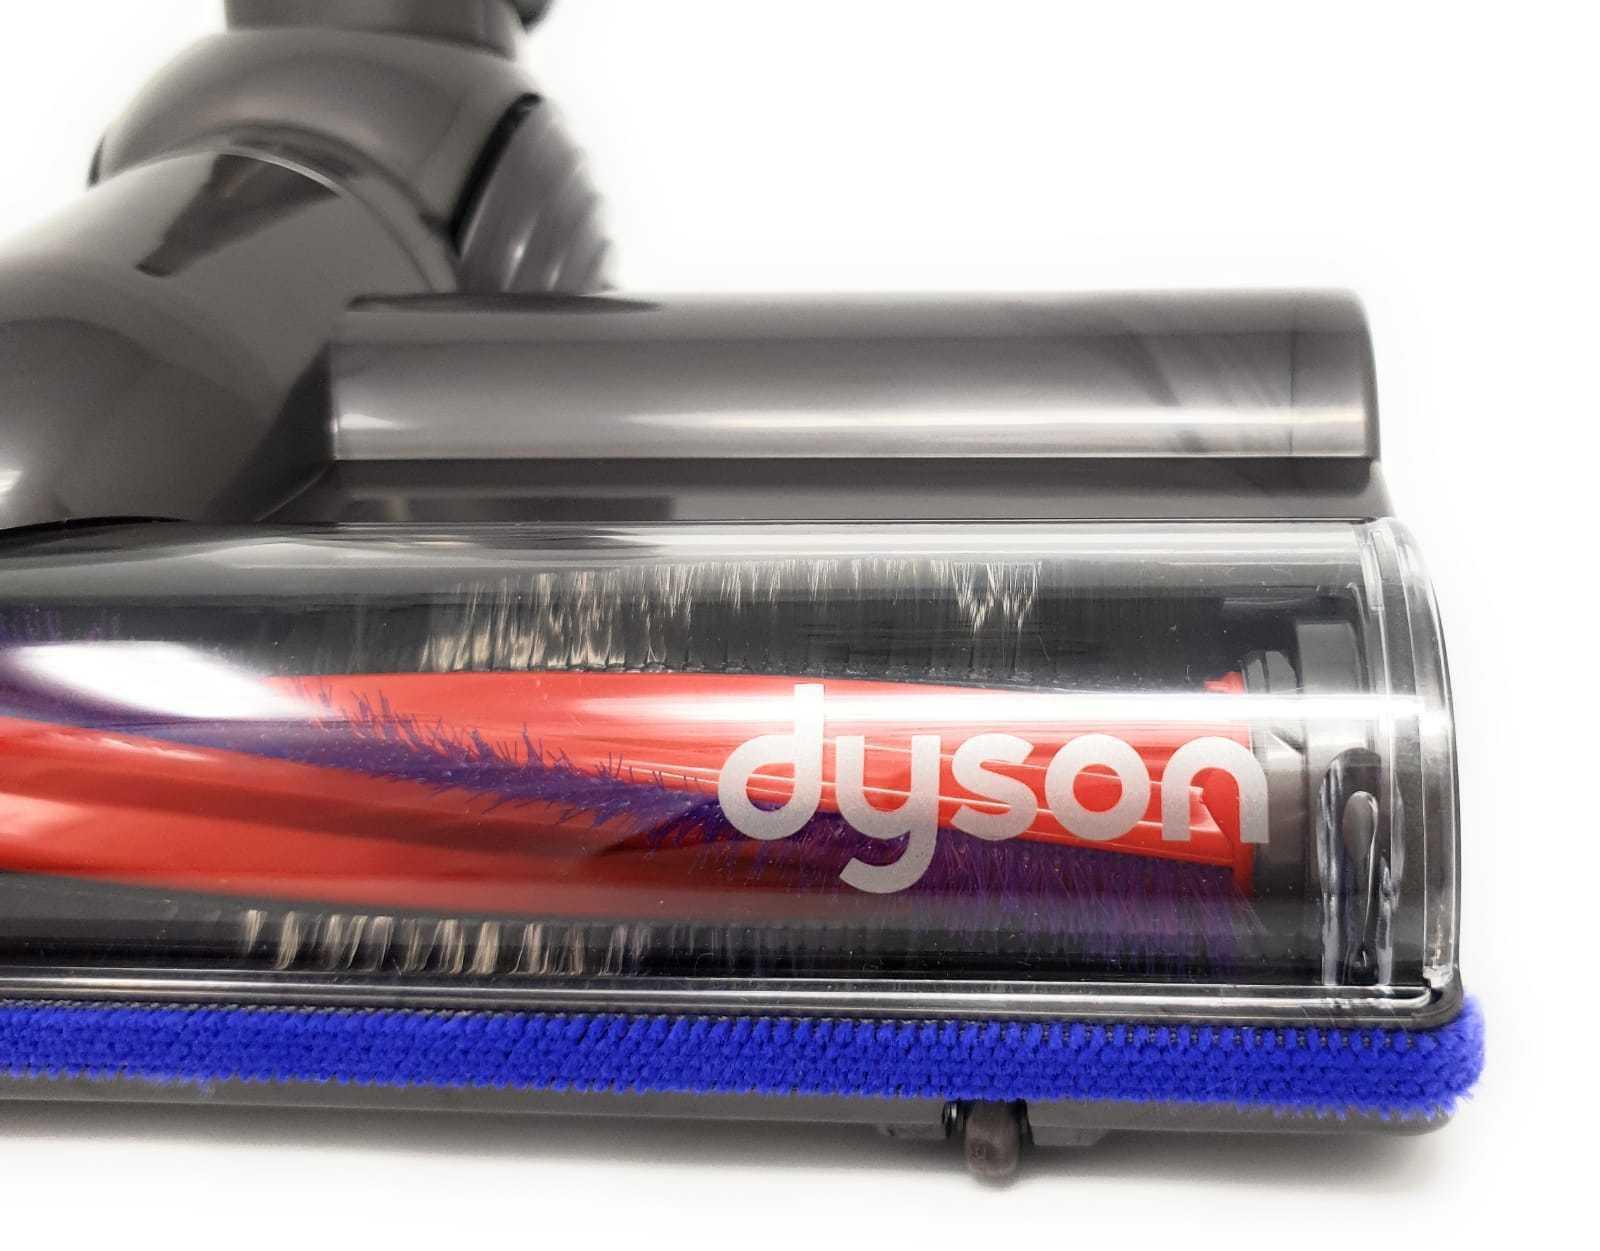 Дайсон v6 animal pro отзывы пылесосы dyson чем отличаются